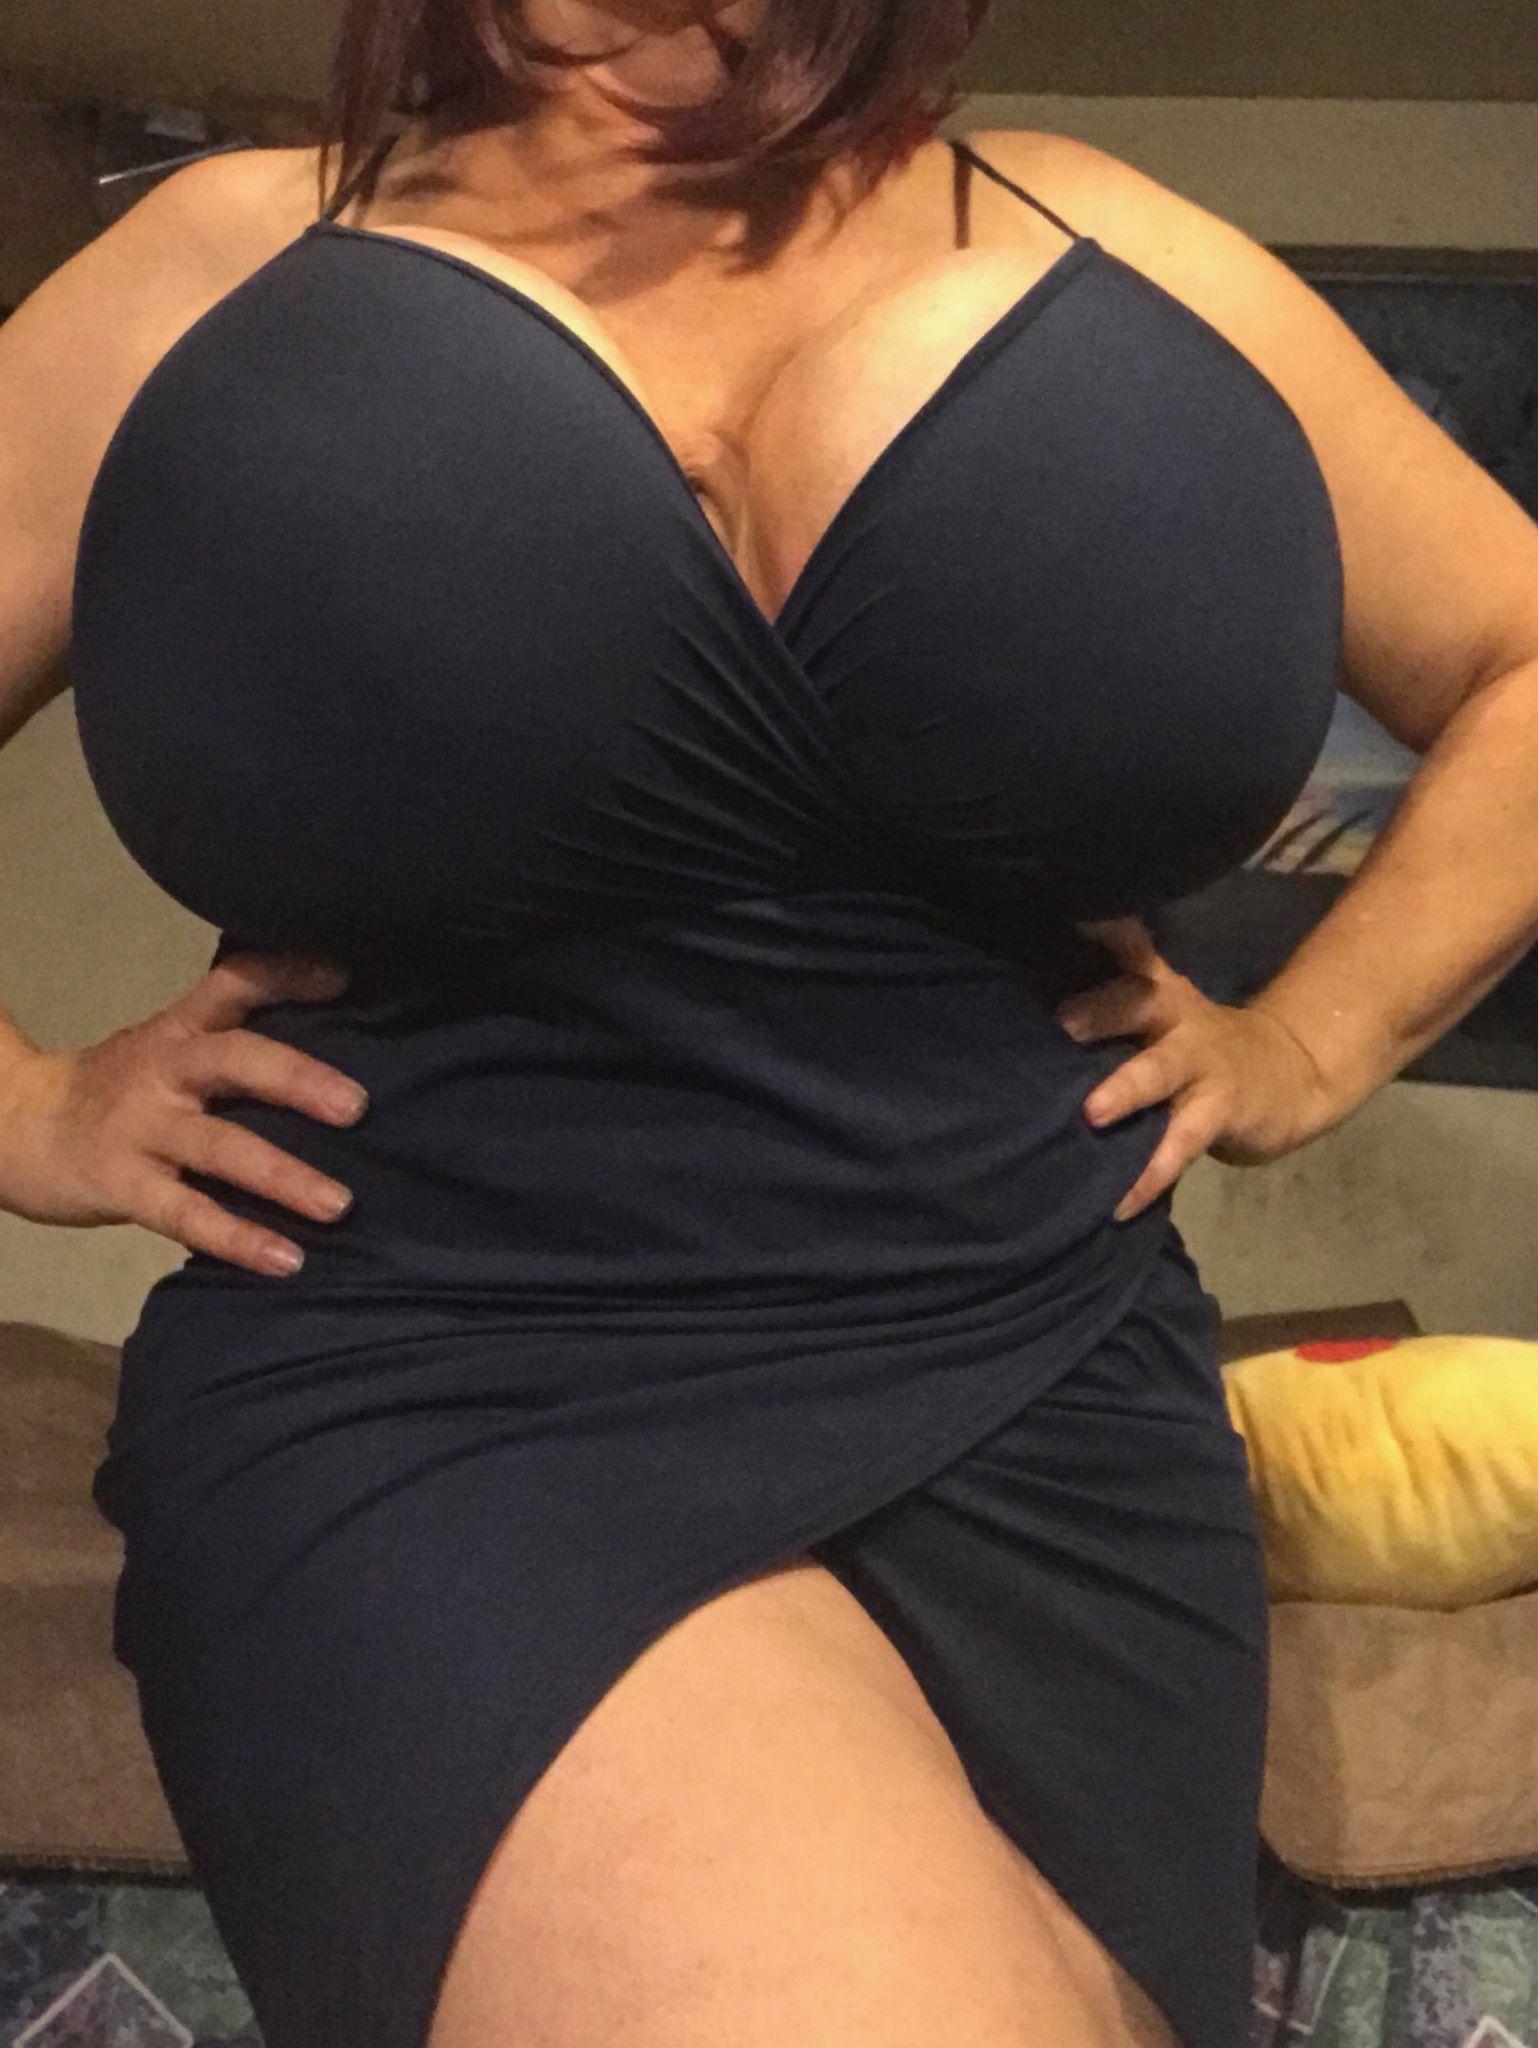 Pin on Great big boobs